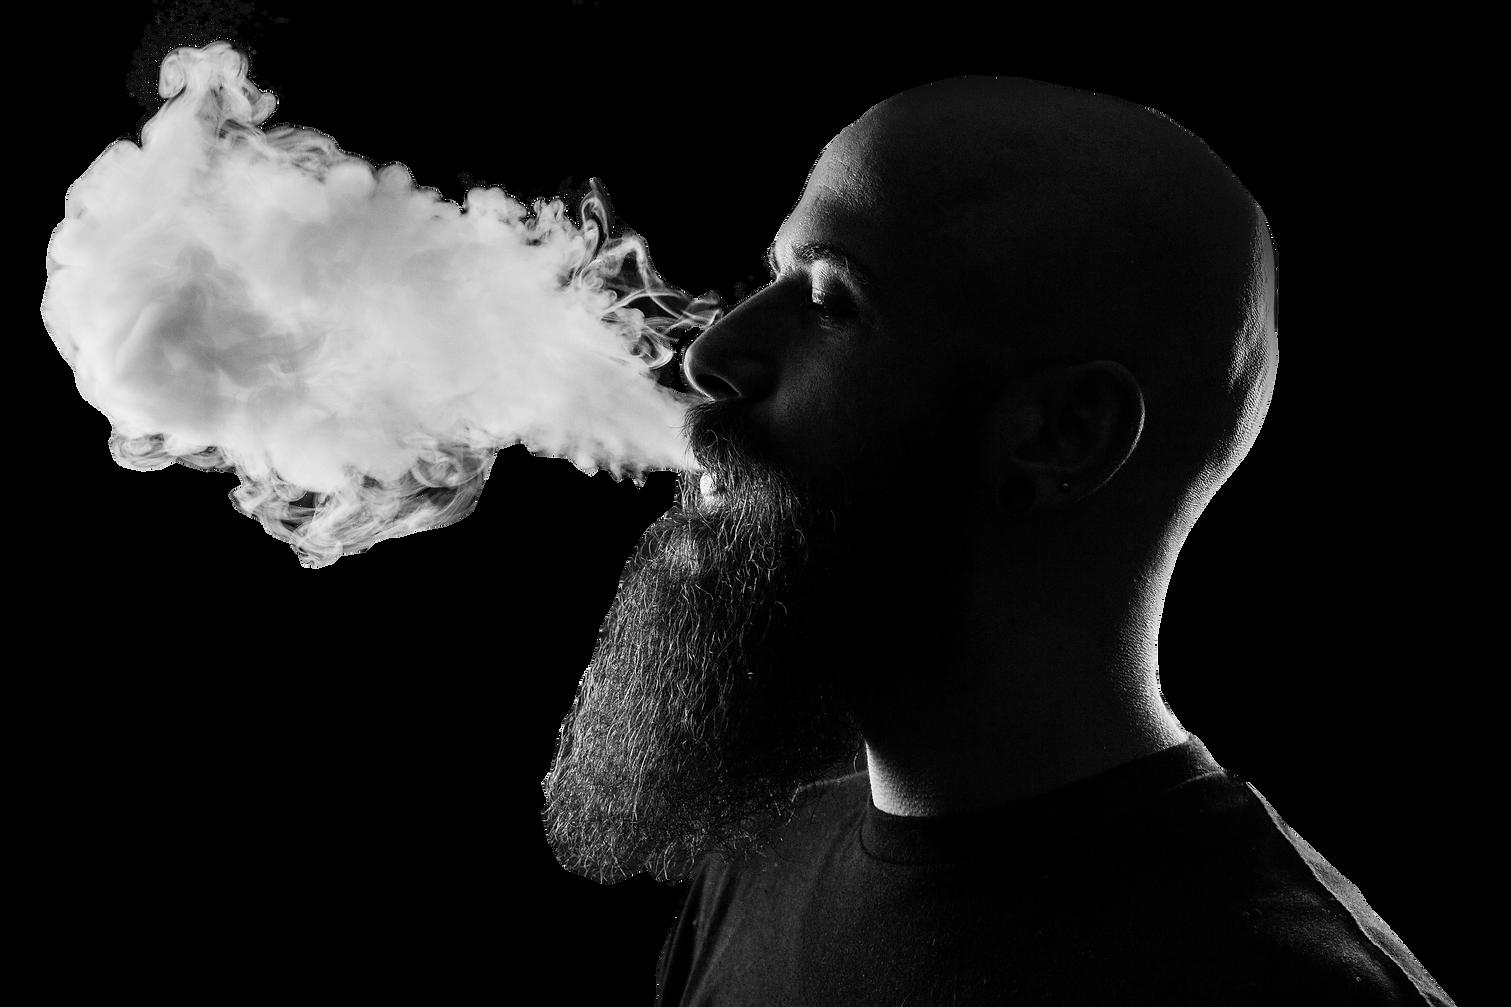 man-smoke40%.png